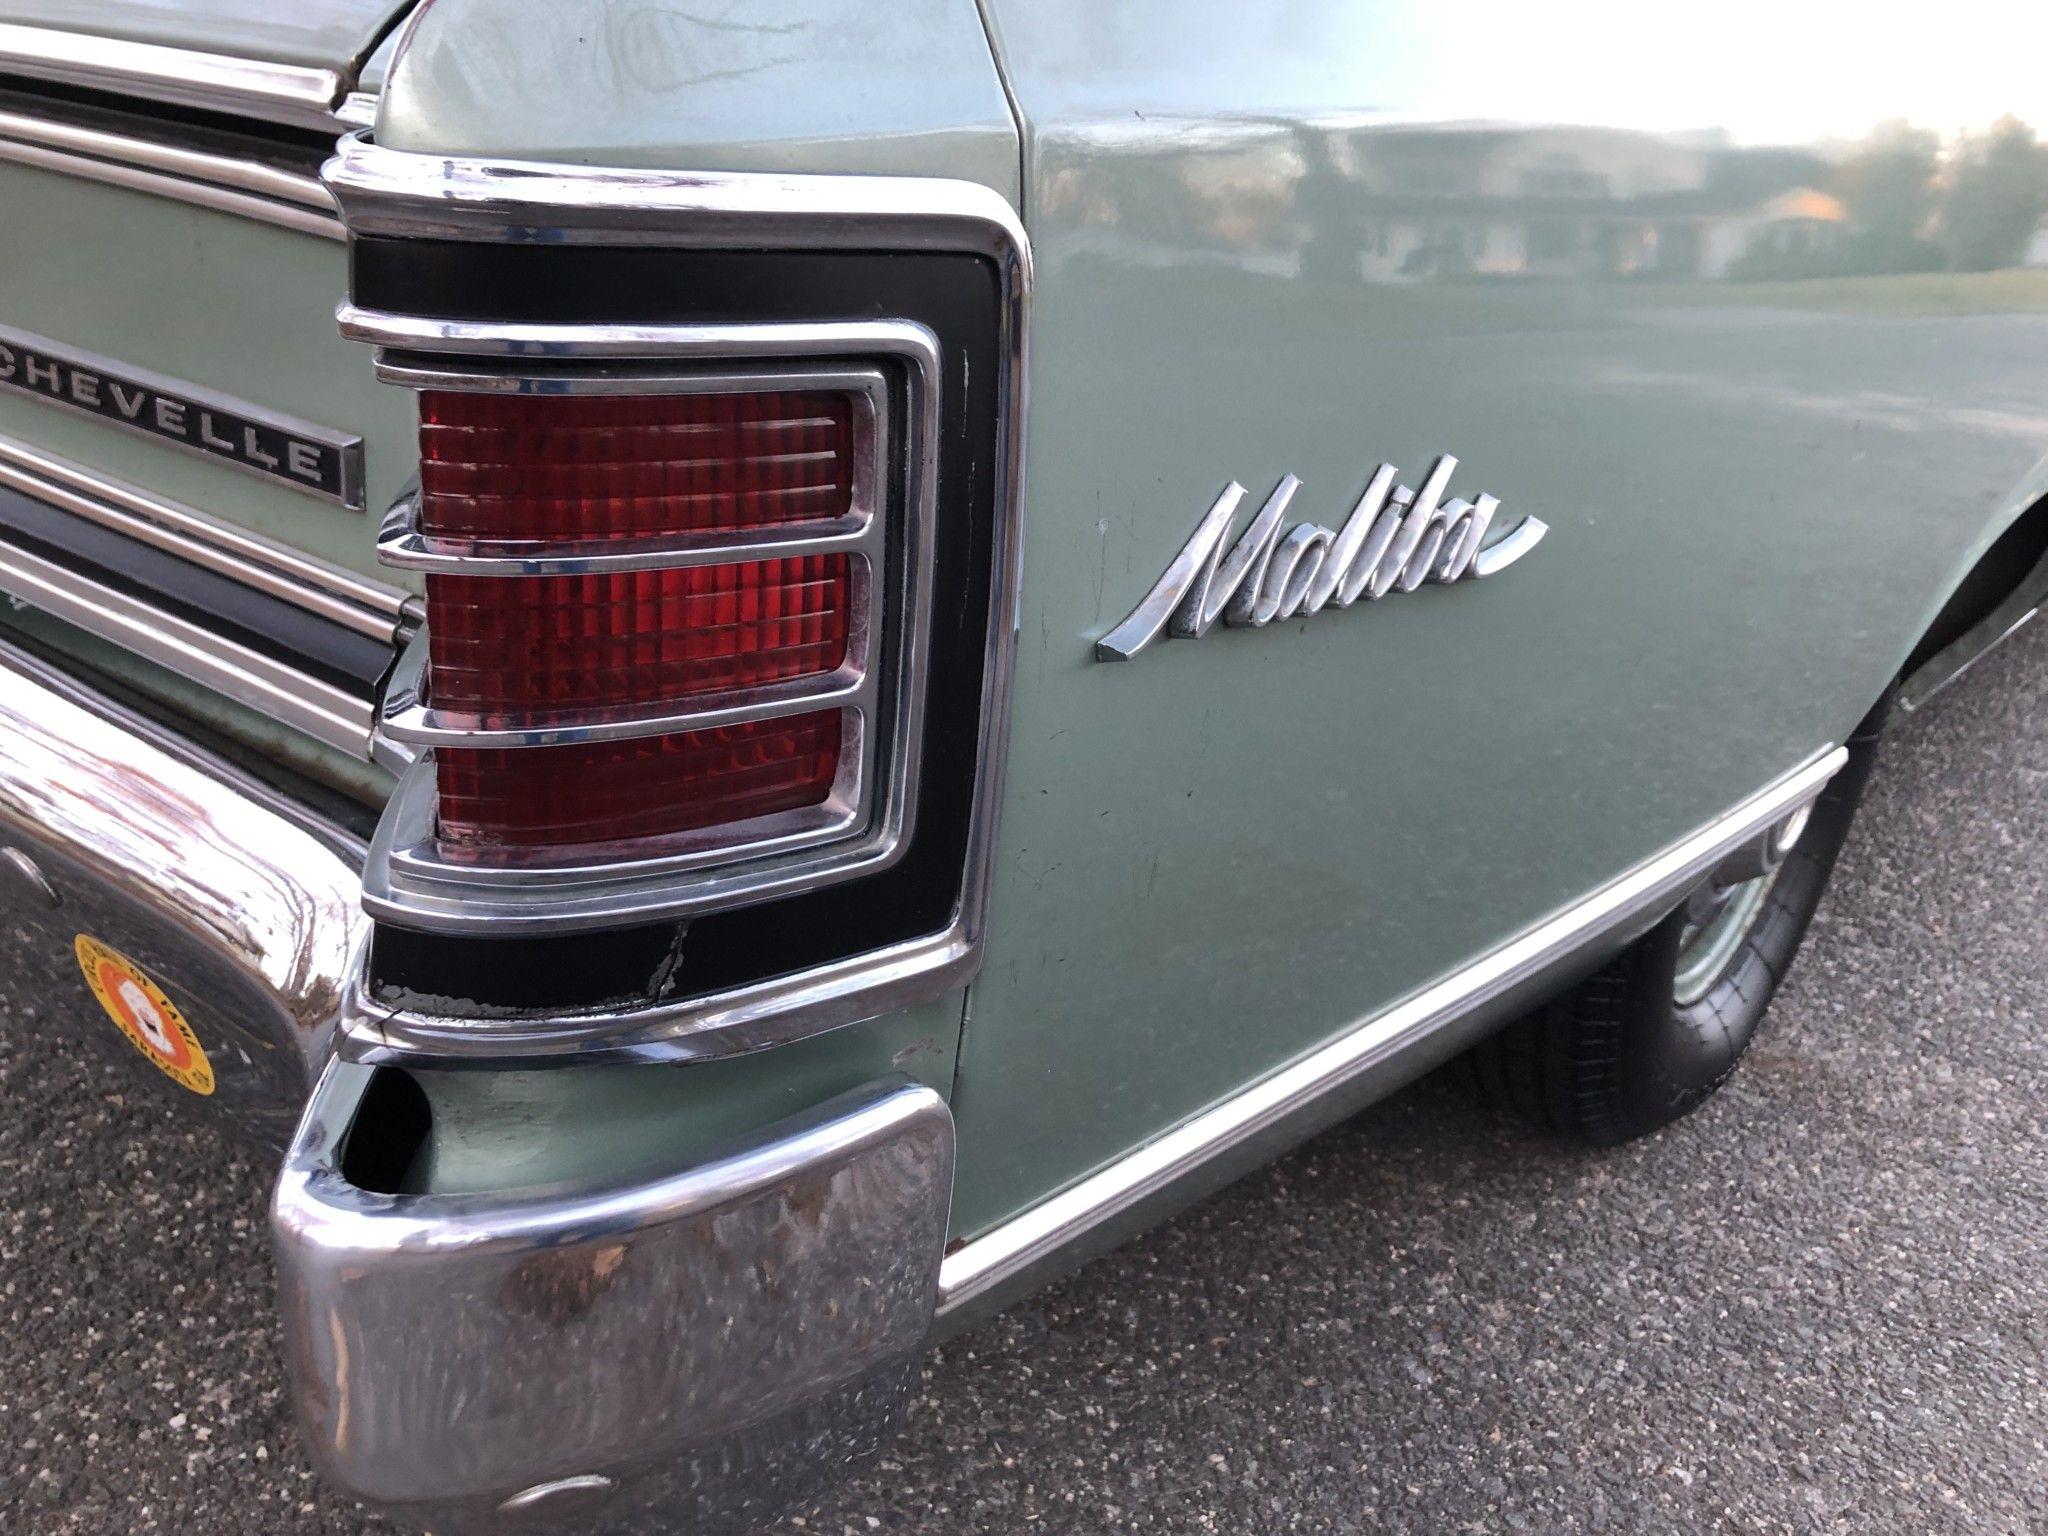 1967 Chevrolet Chevelle Malibu Sedan Chevrolet Chevelle Malibu Chevelle Chevrolet Chevelle